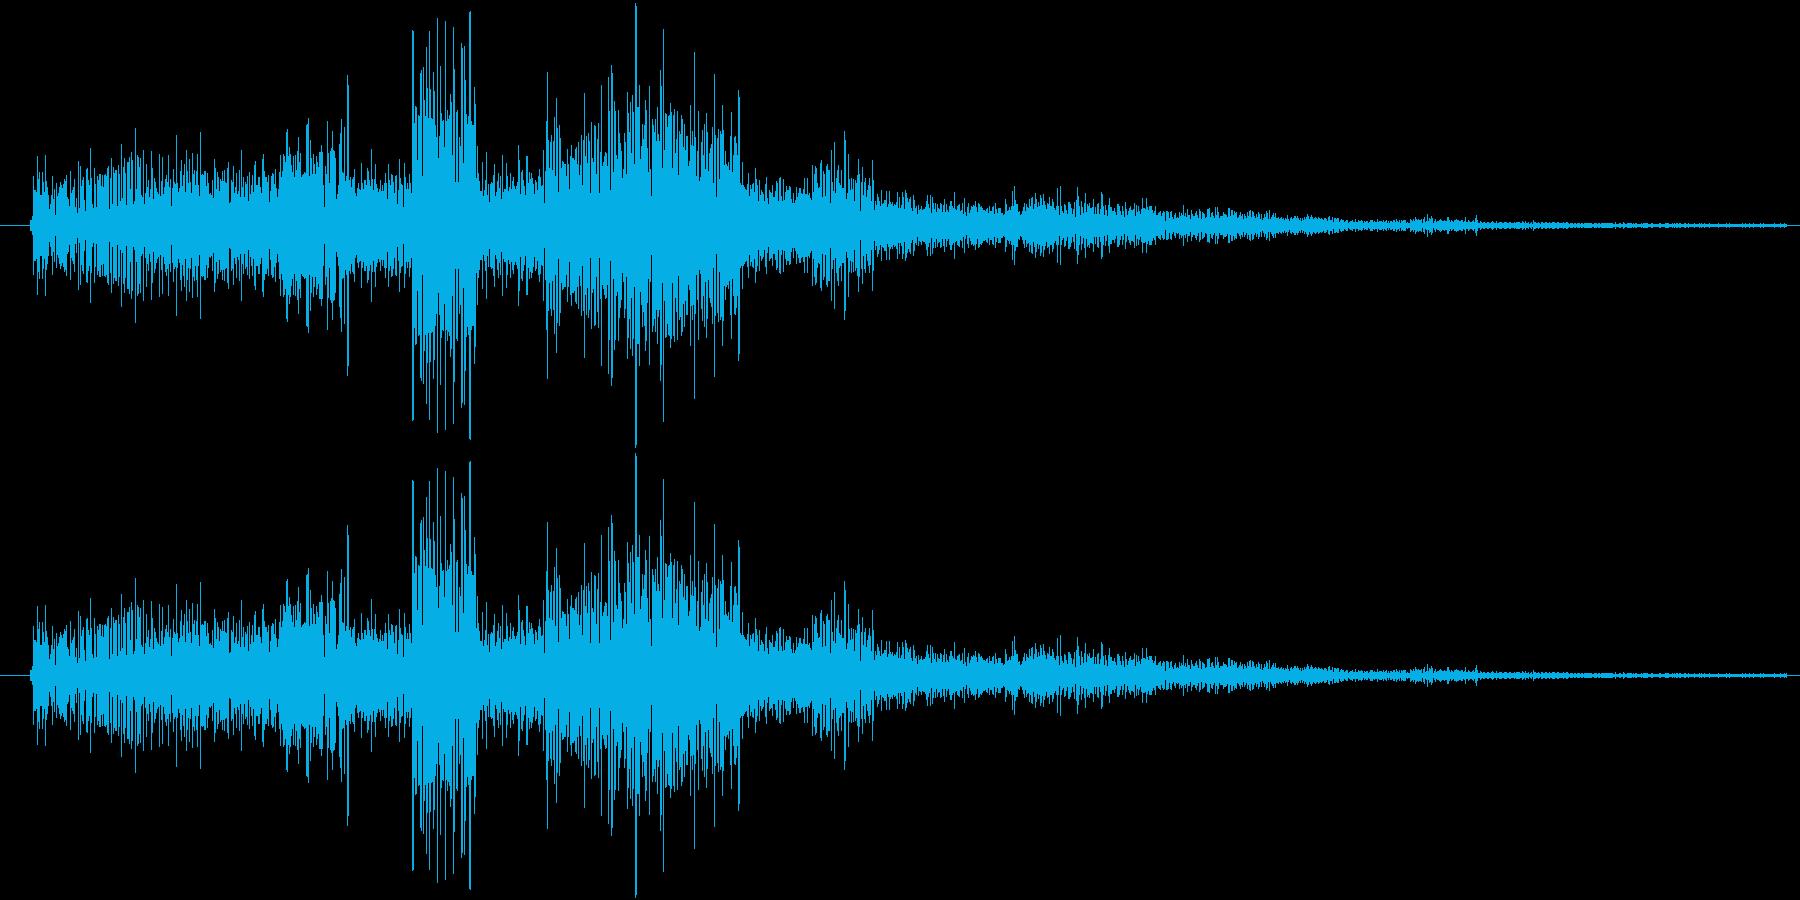 サウンドロゴ11の再生済みの波形